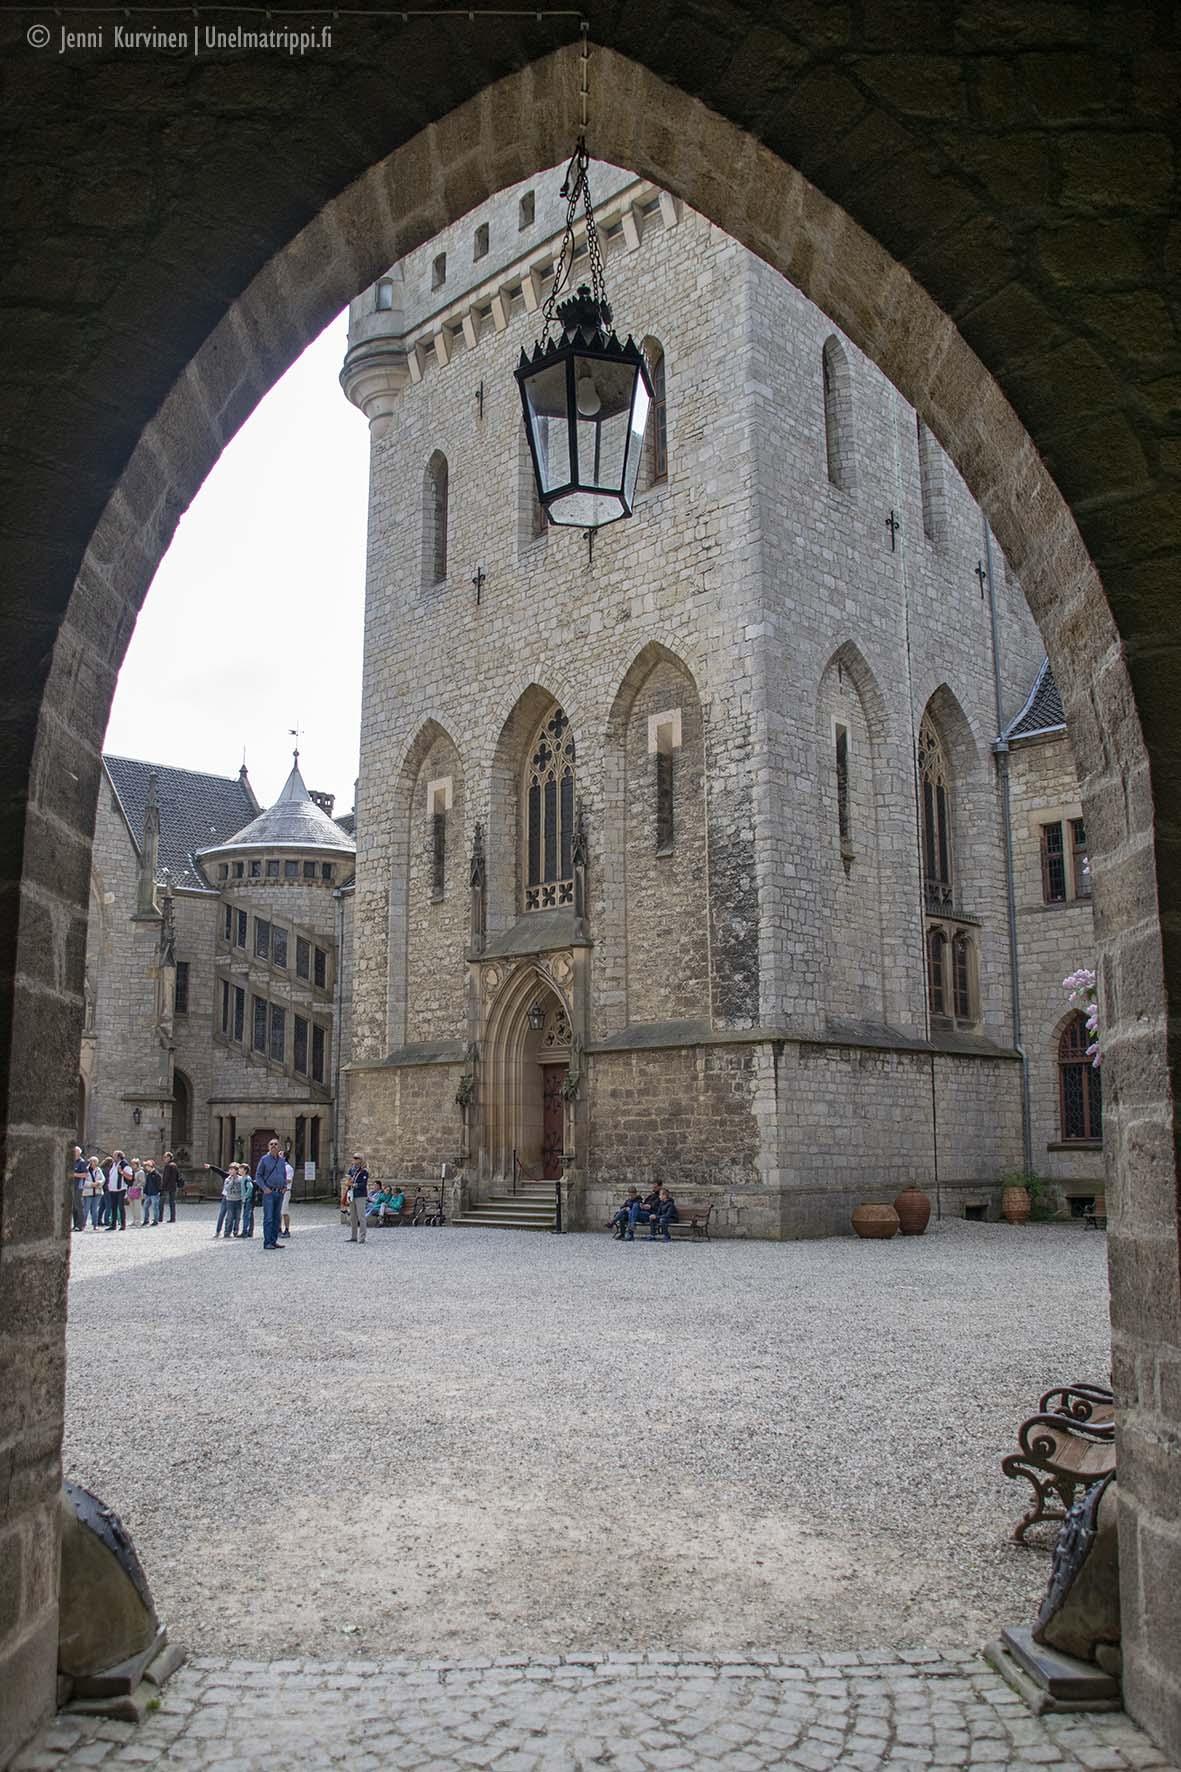 20180805-Unelmatrippi-Schloss-Marienburg-DSC0519